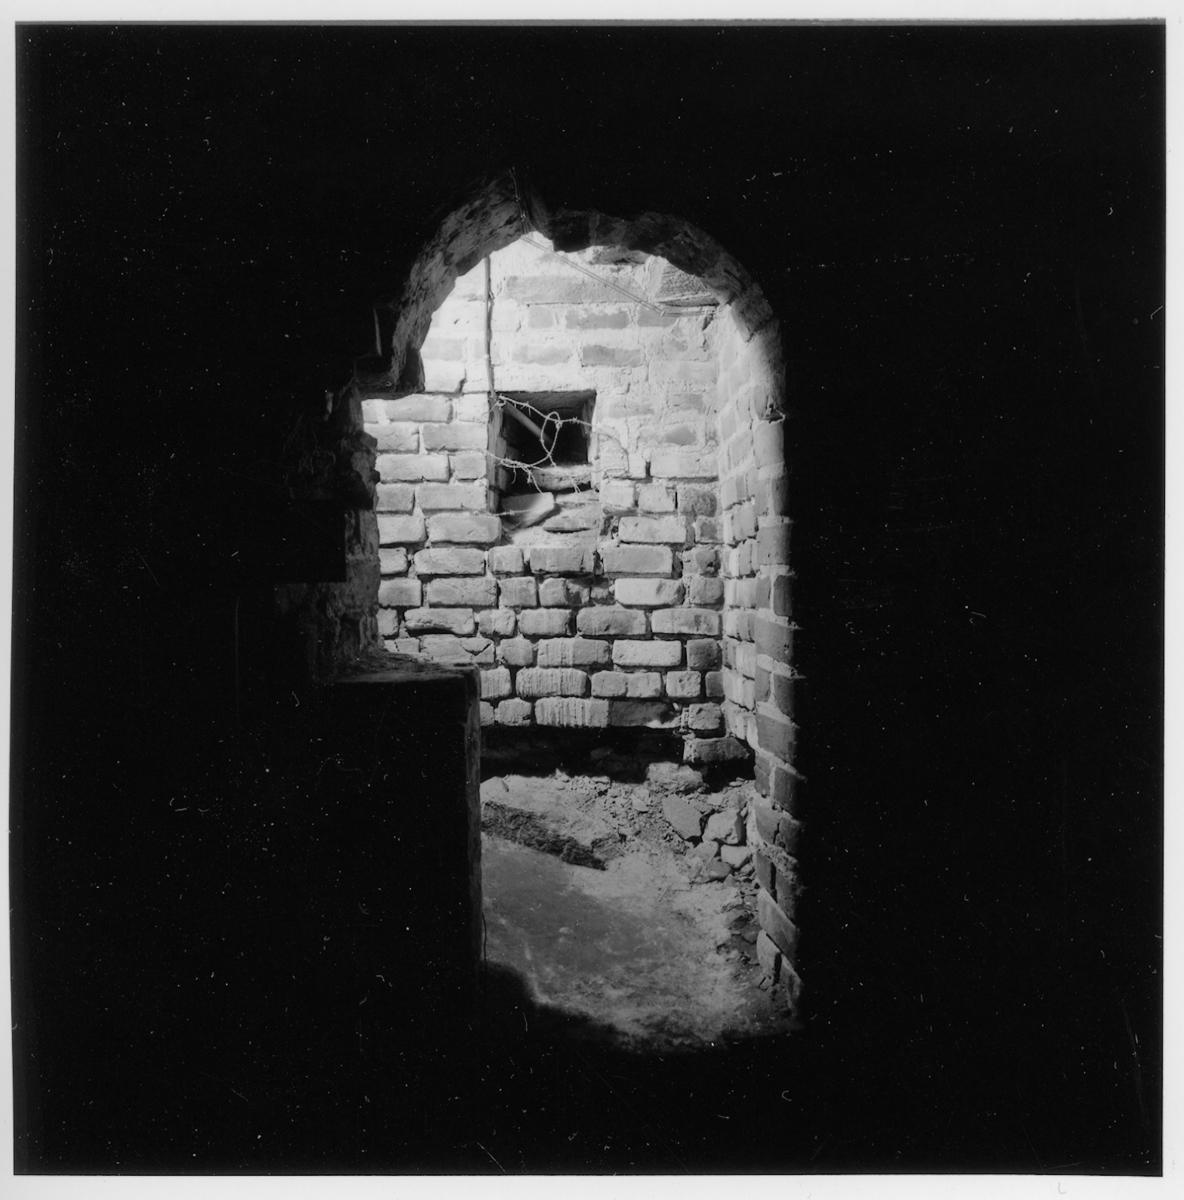 Interiör. Torpa stenhus Länghem  är en så kallad enkelhusborg från 1400-talet och är mest känd som sätesgård för släkten Stenbock.